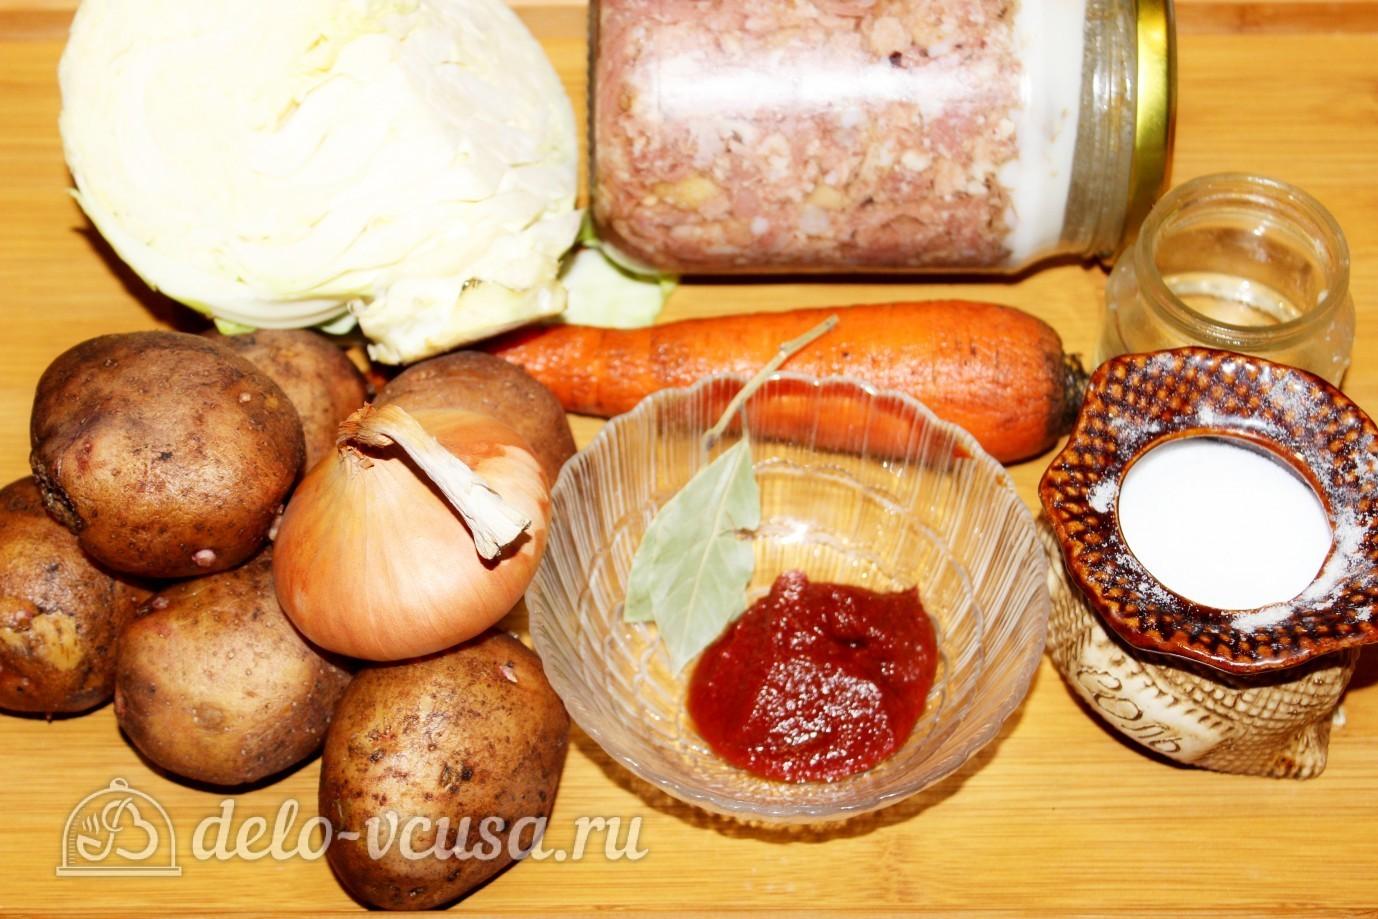 рецепт вермишелевого супа с тушенкой